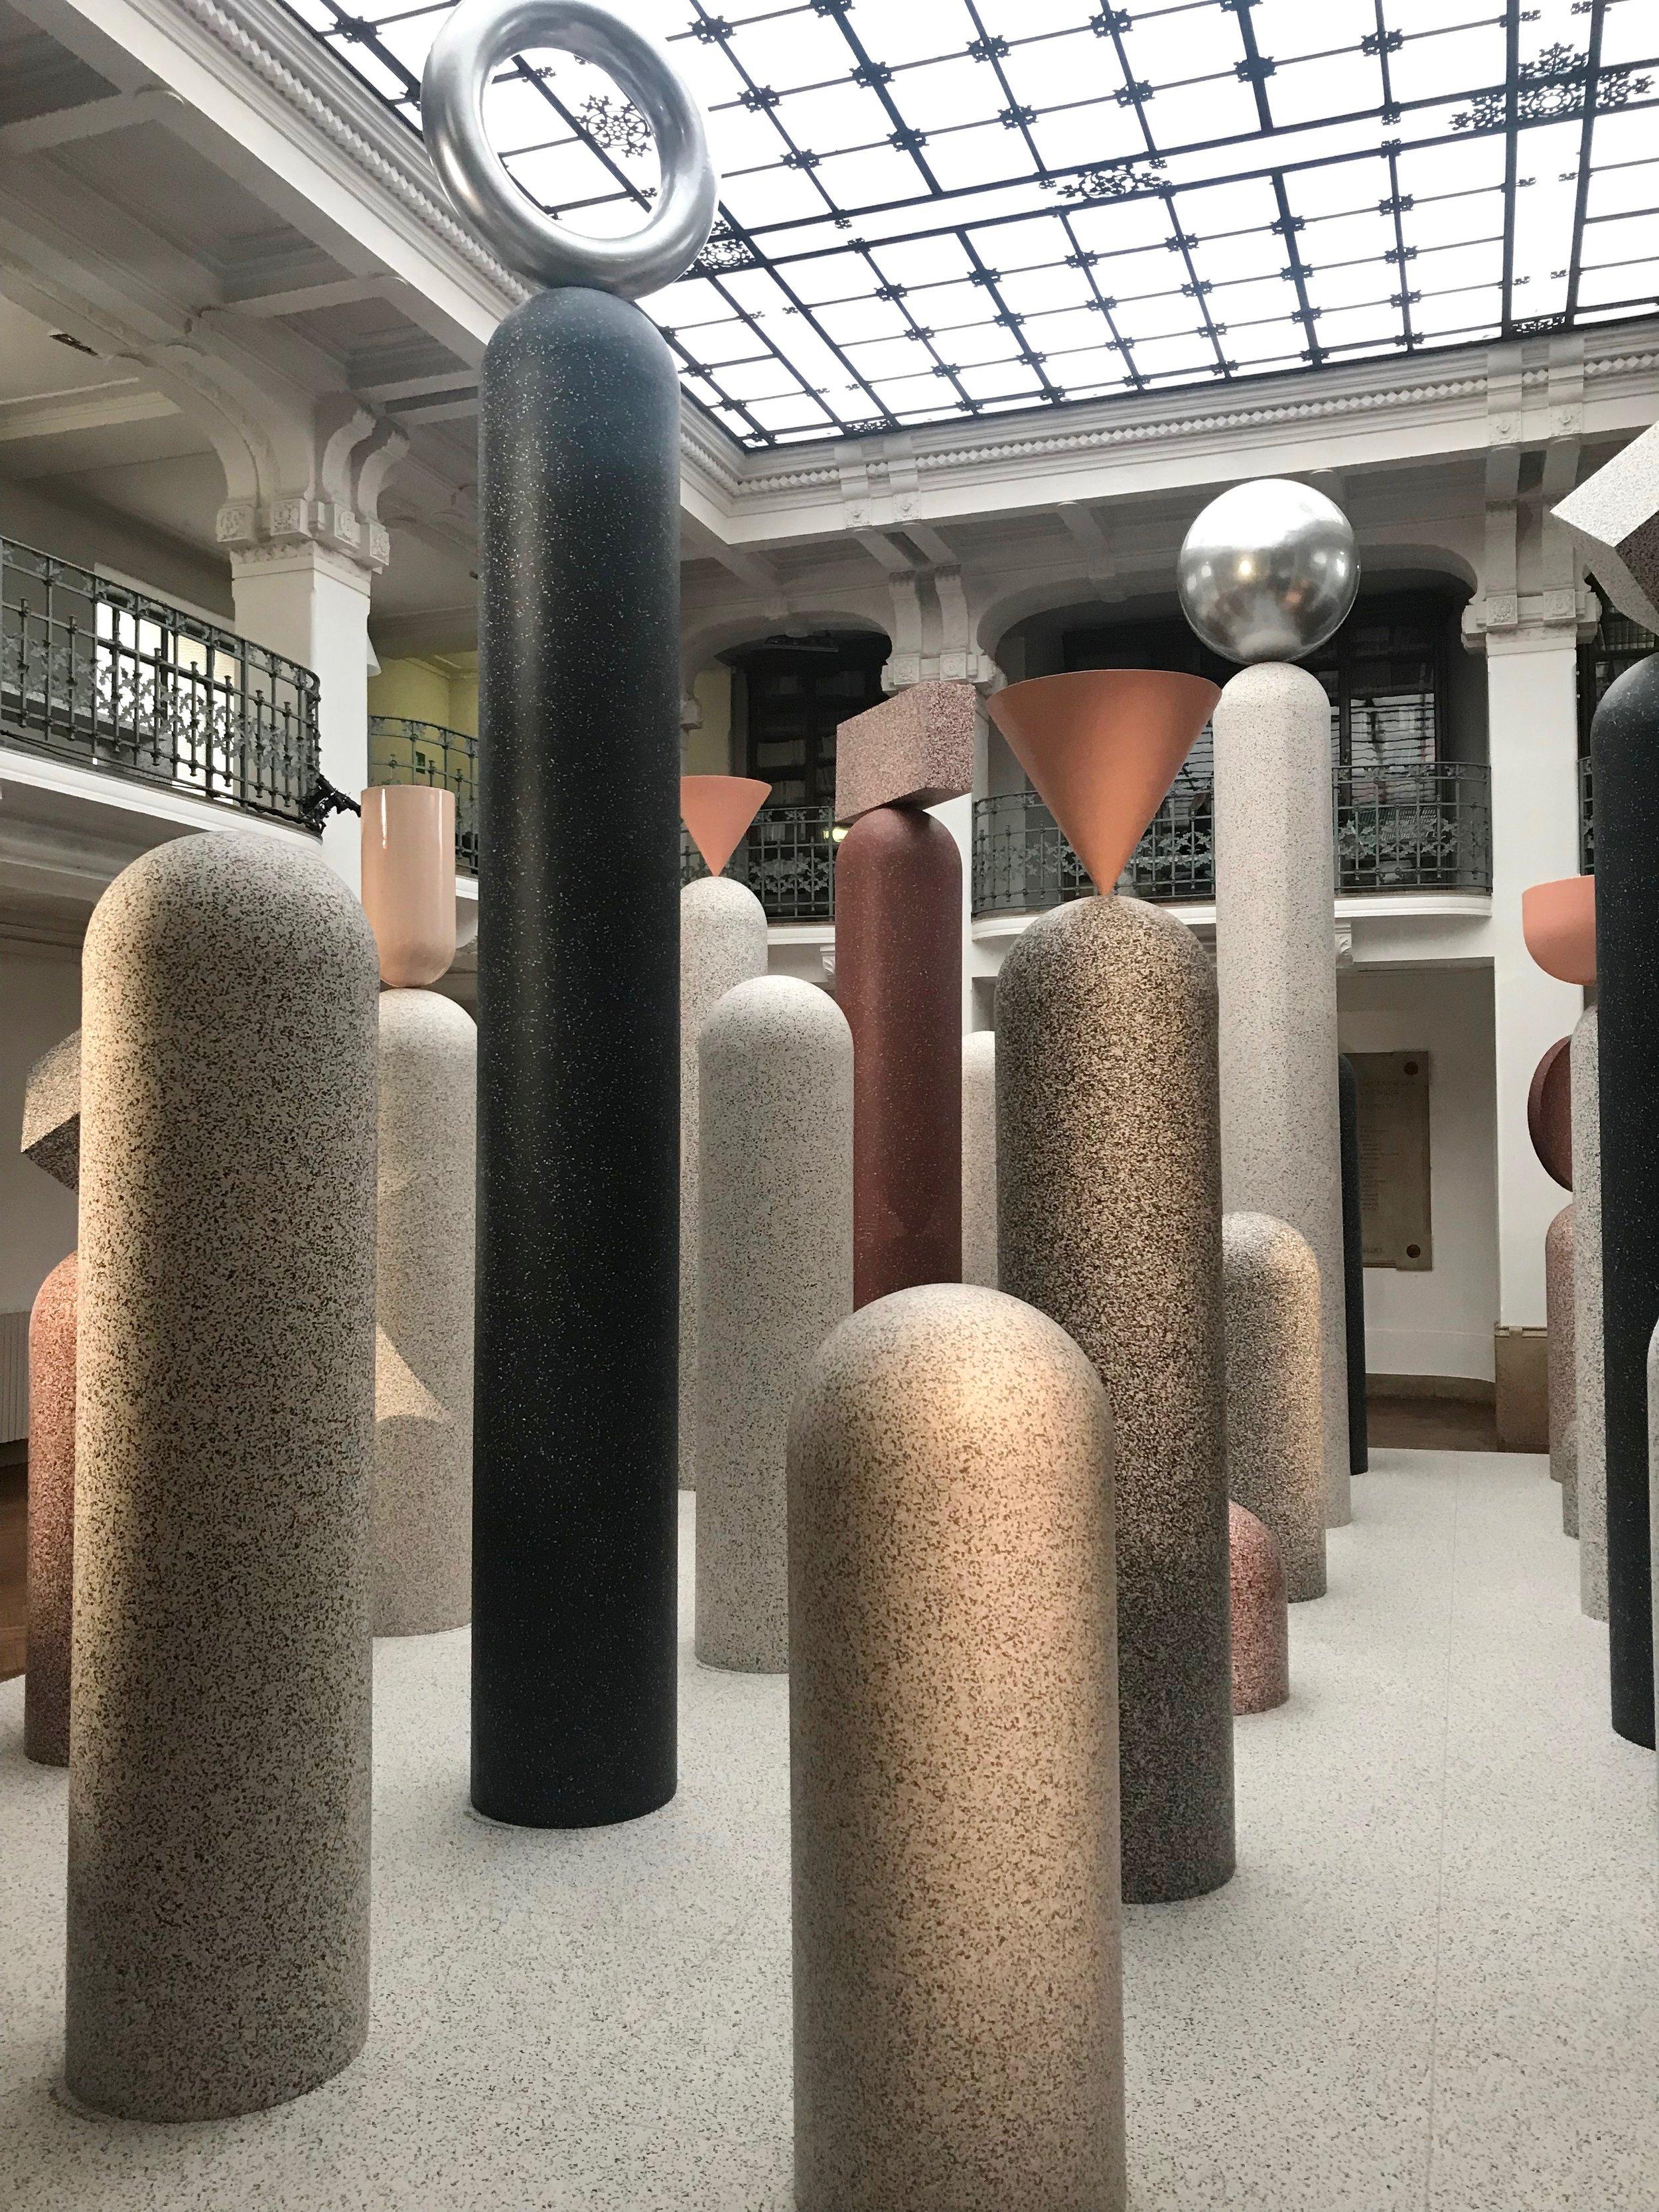 Curvaceous pillars at Tarkett